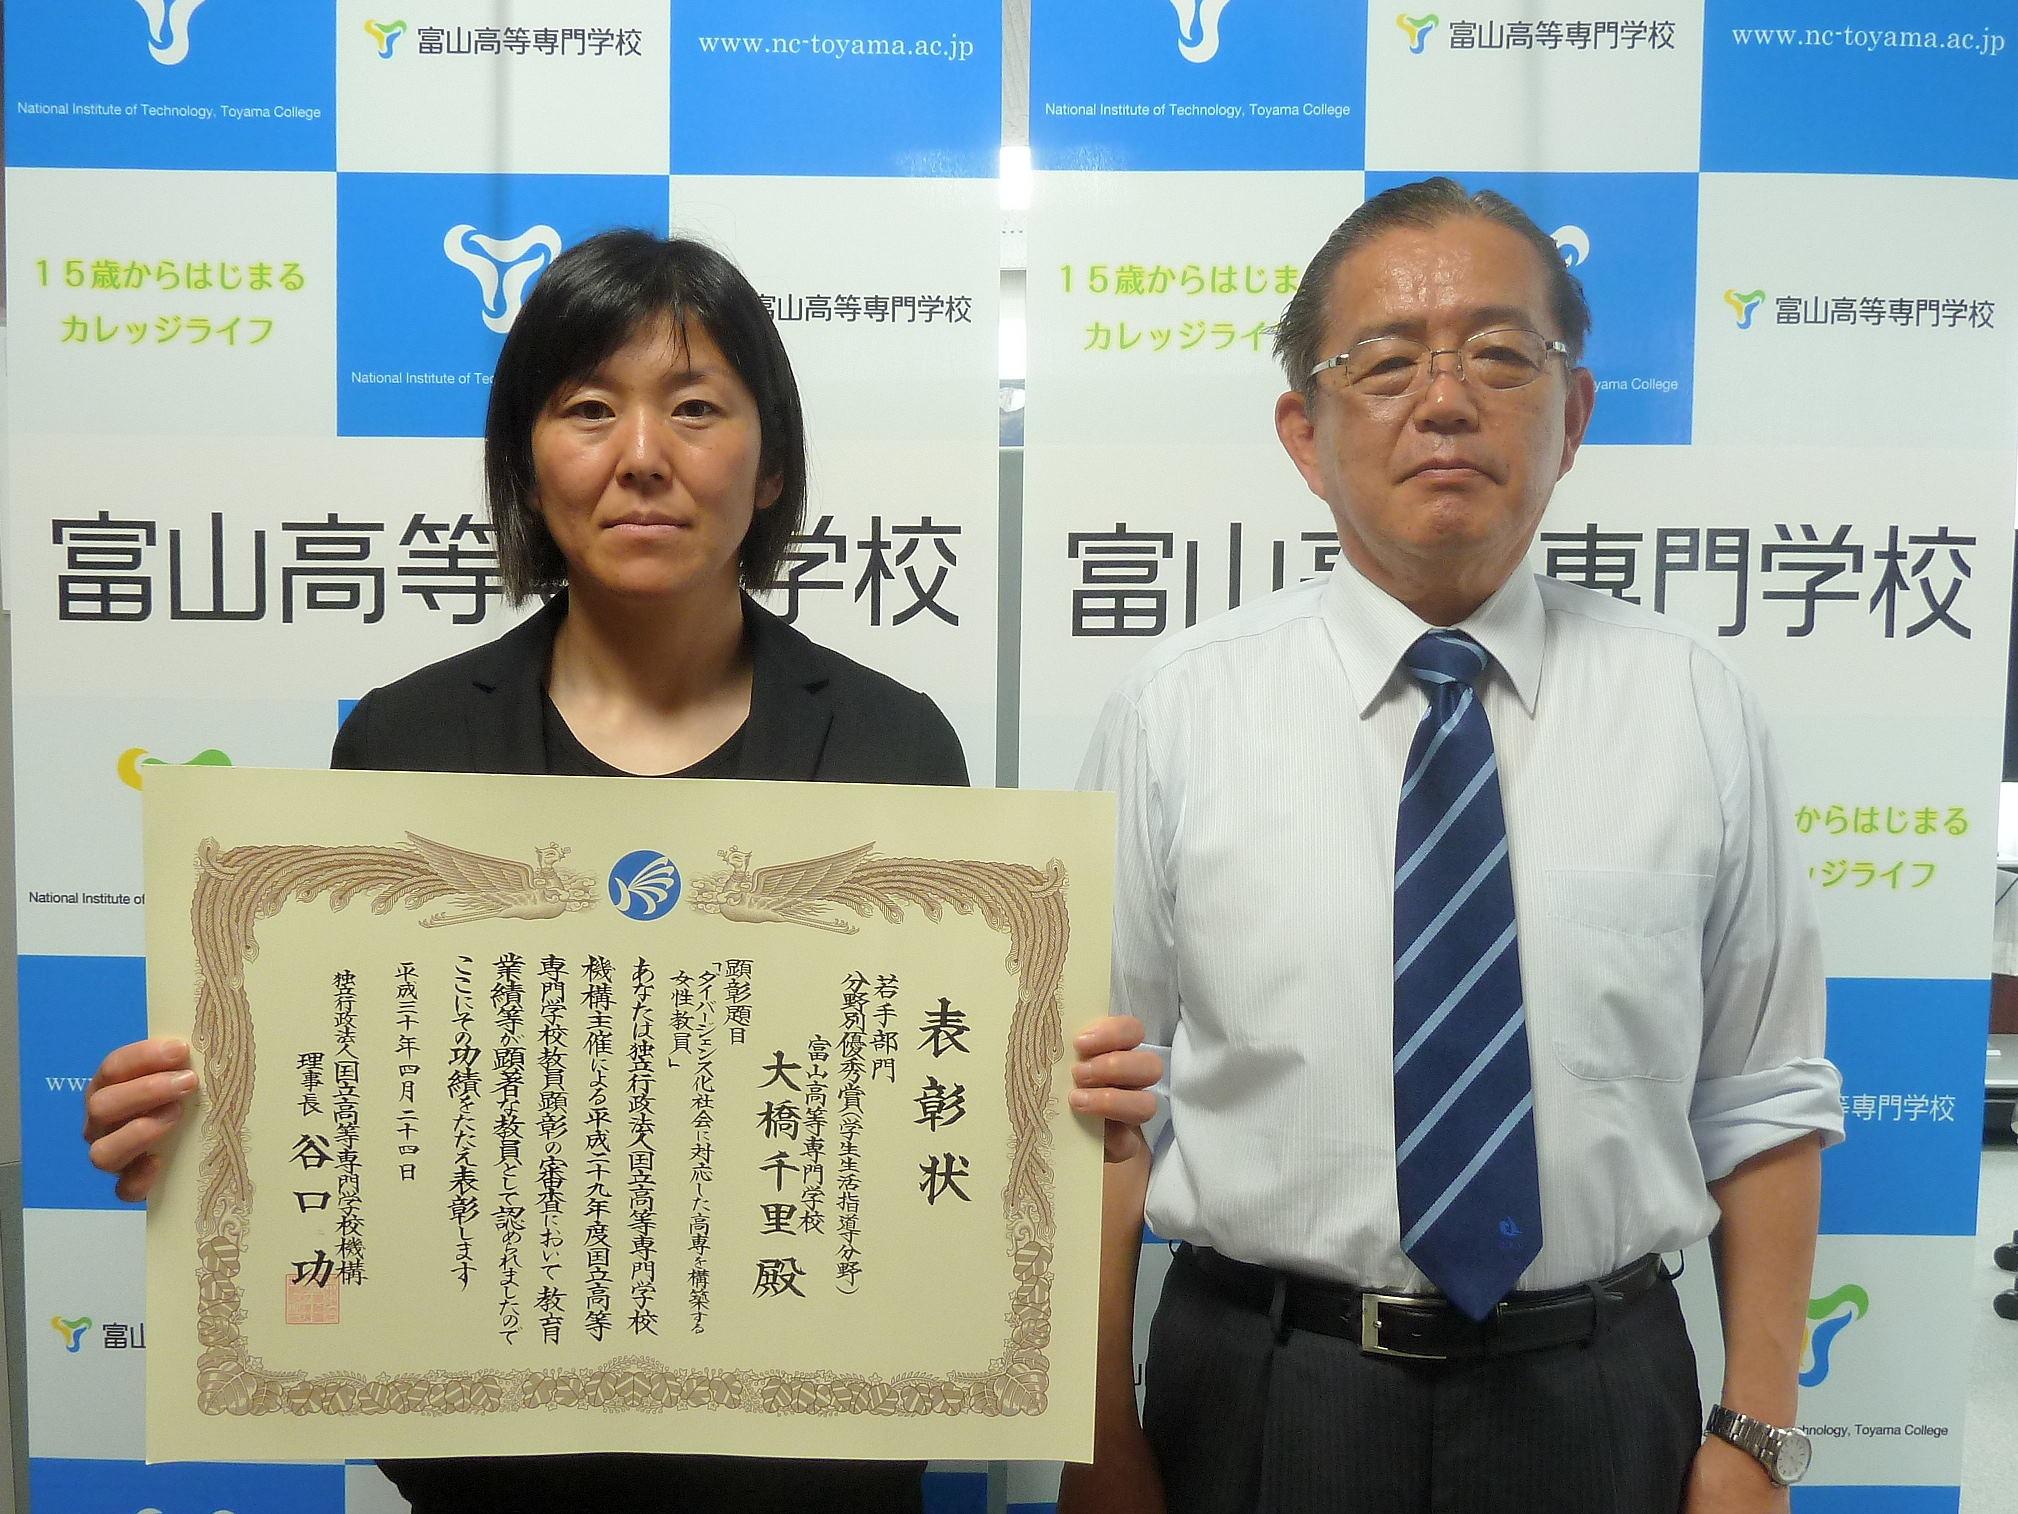 大橋千里准教授が国立高専教員顕彰分野別優秀賞を受賞しました。